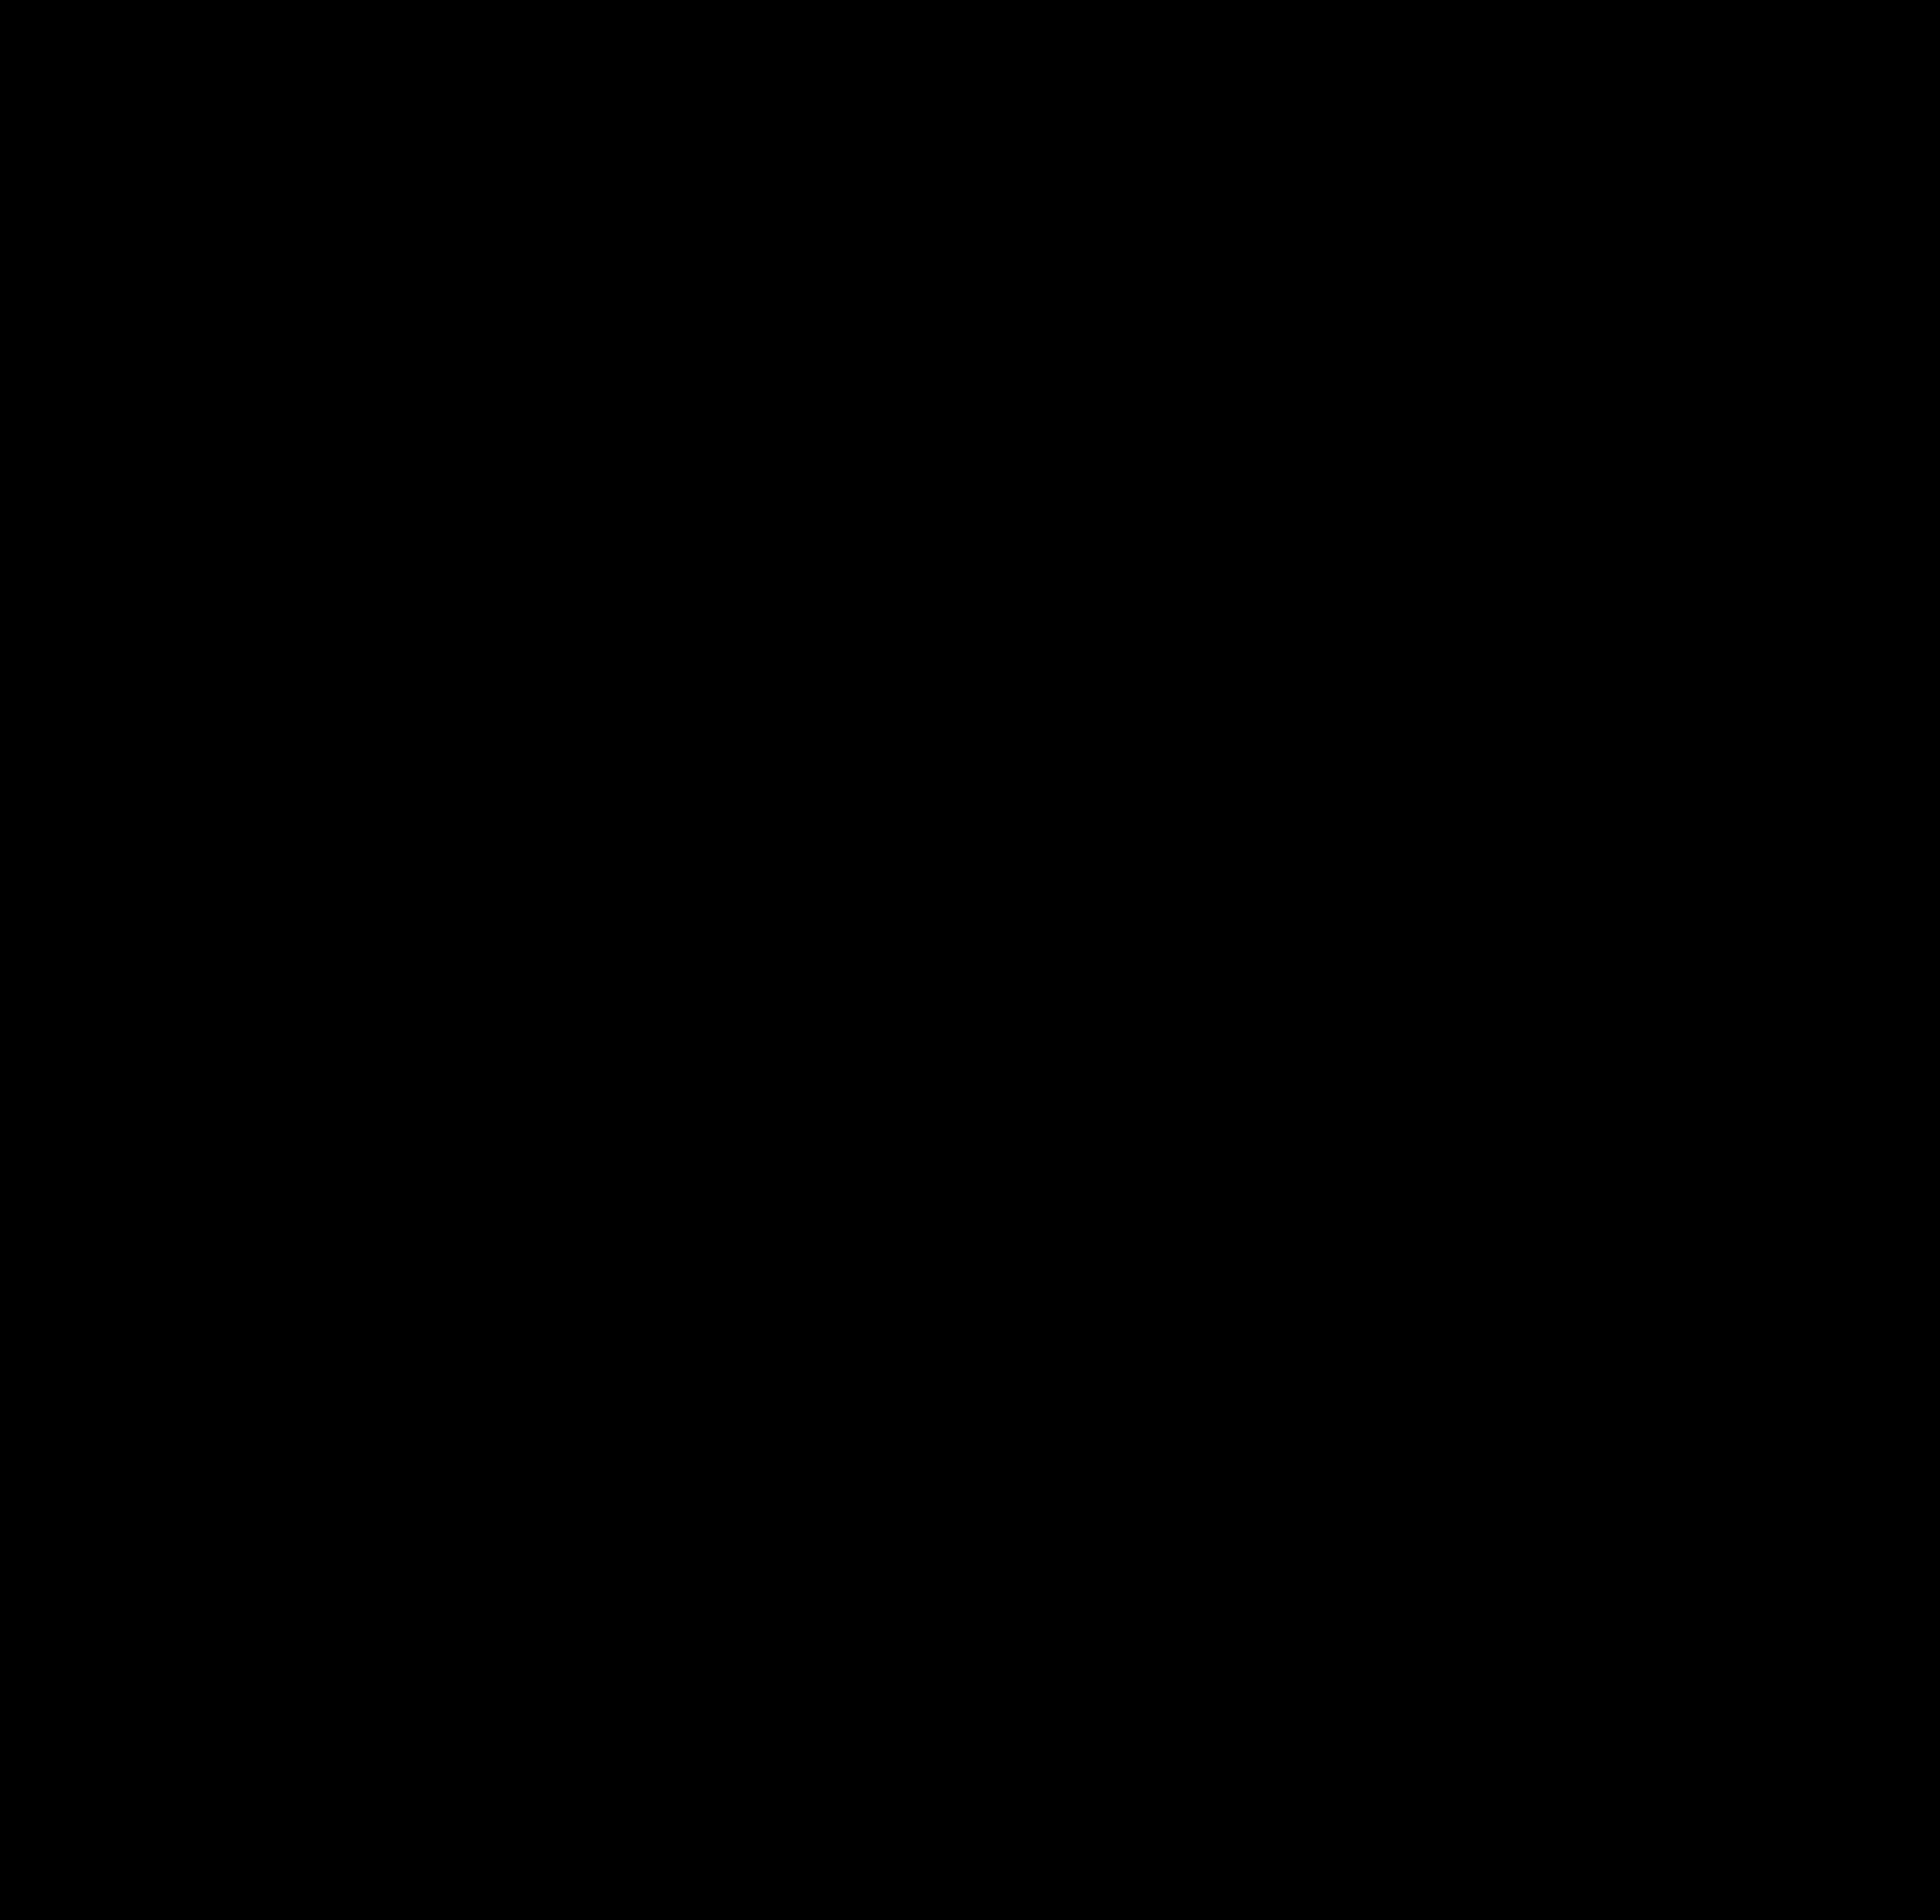 icon-fenster-putzen-gjl-dienstleistungen